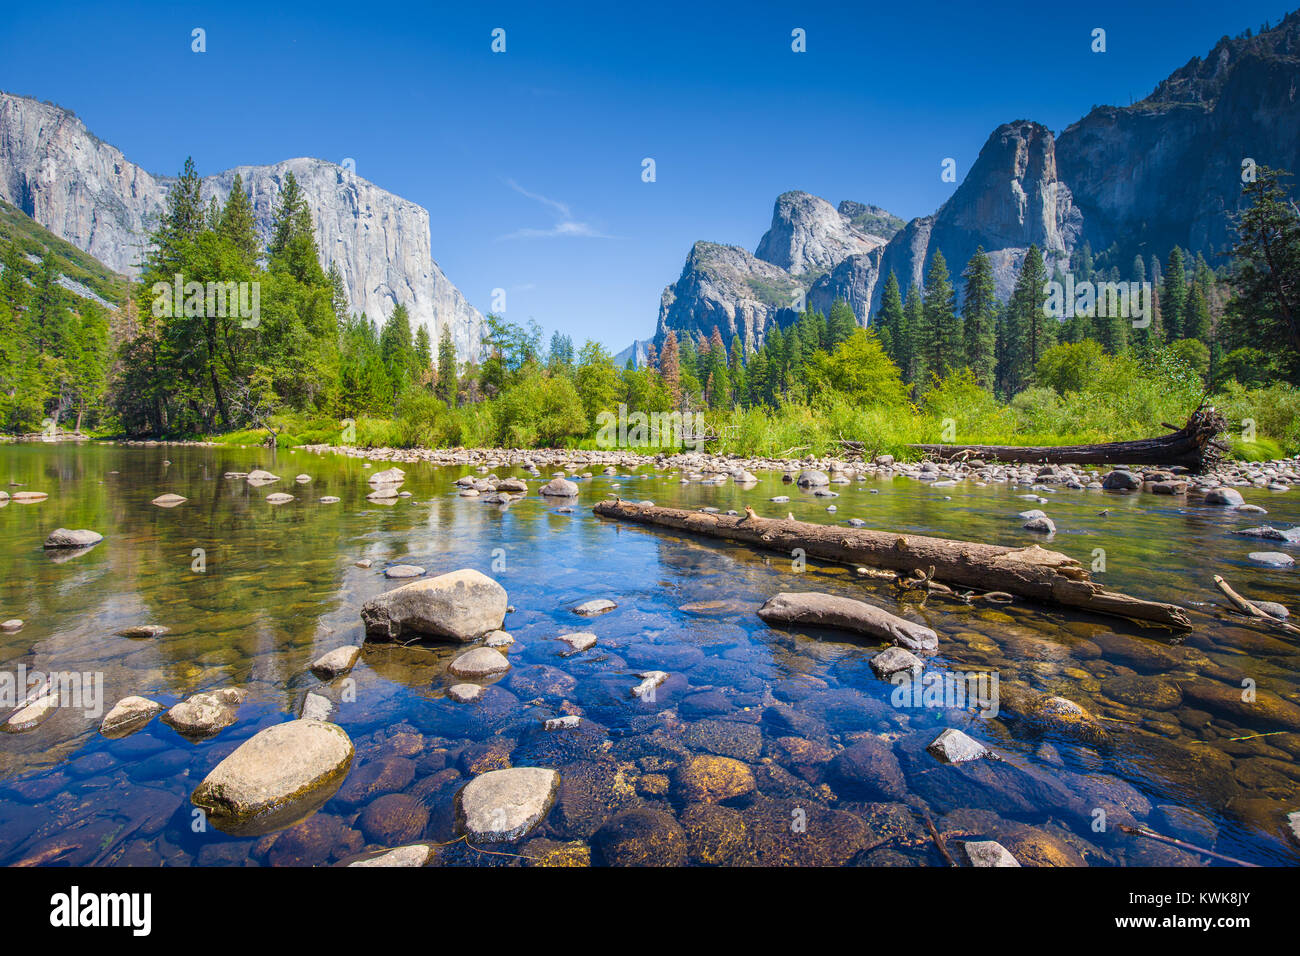 Klassische Ansicht der malerischen Yosemite Tal mit den berühmten El Capitan klettern Gipfel und idyllische Stockbild